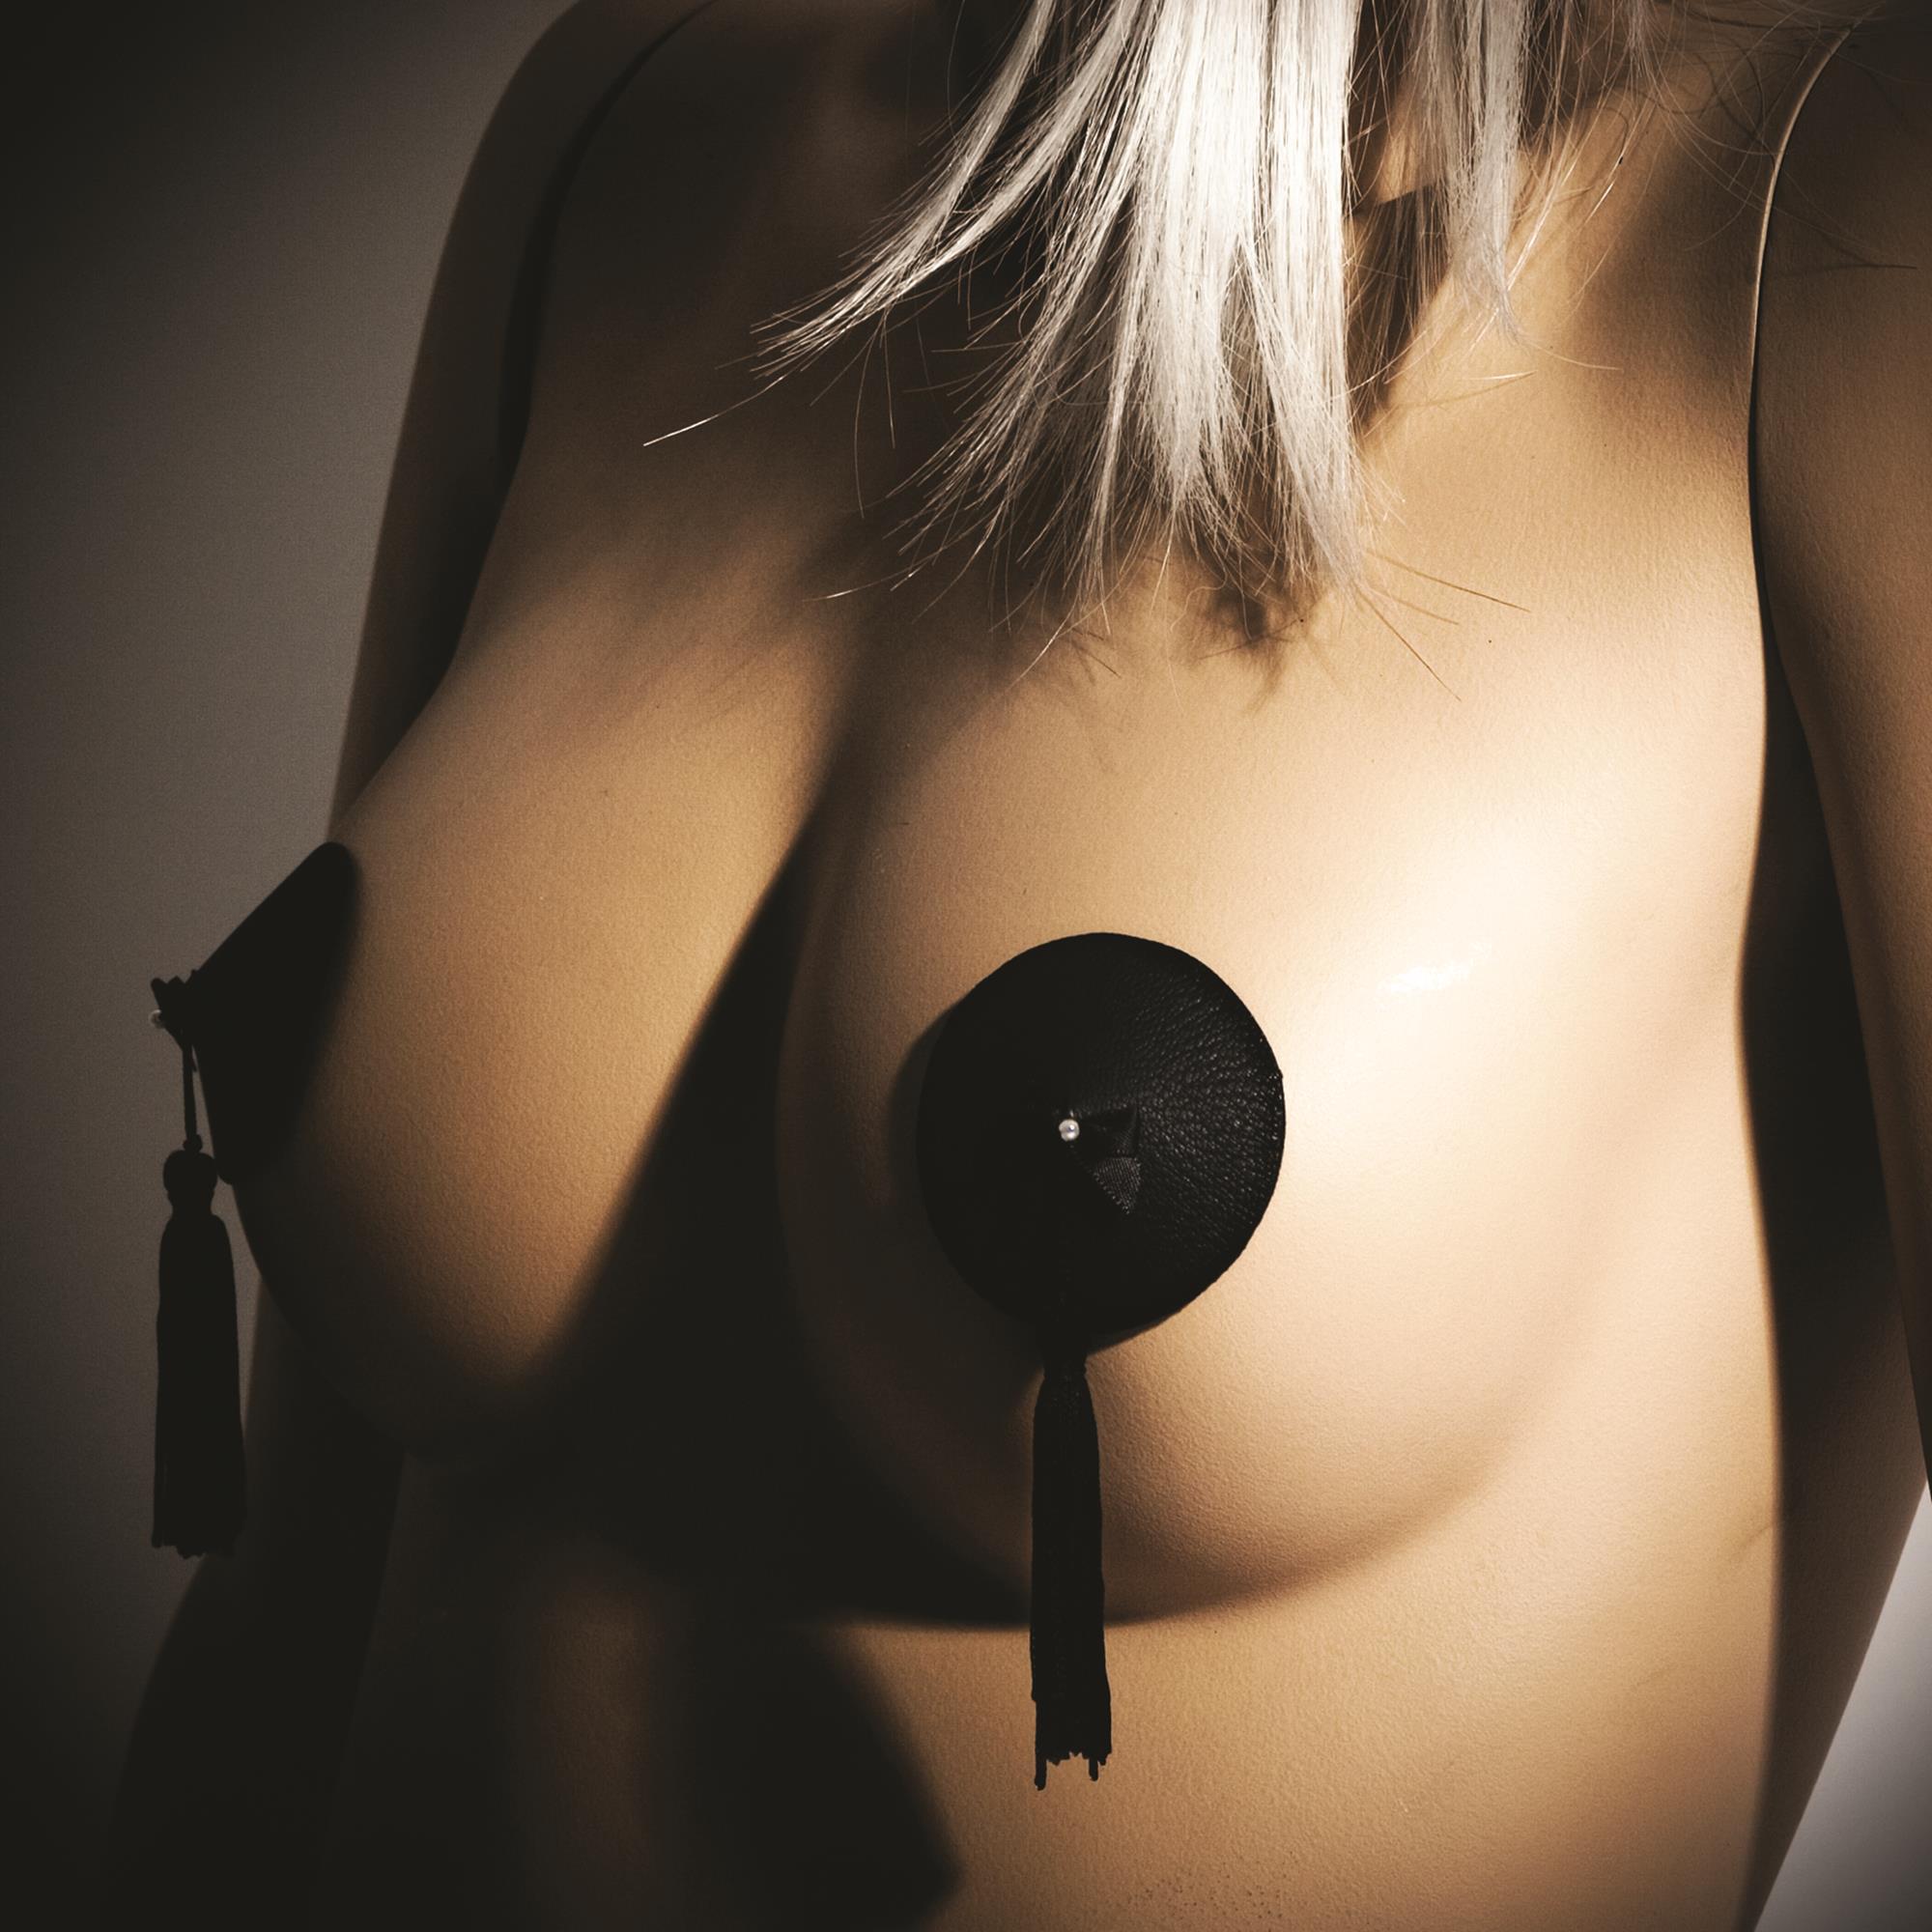 Køb Bijoux Indiscrets Burlesque Pasties Black